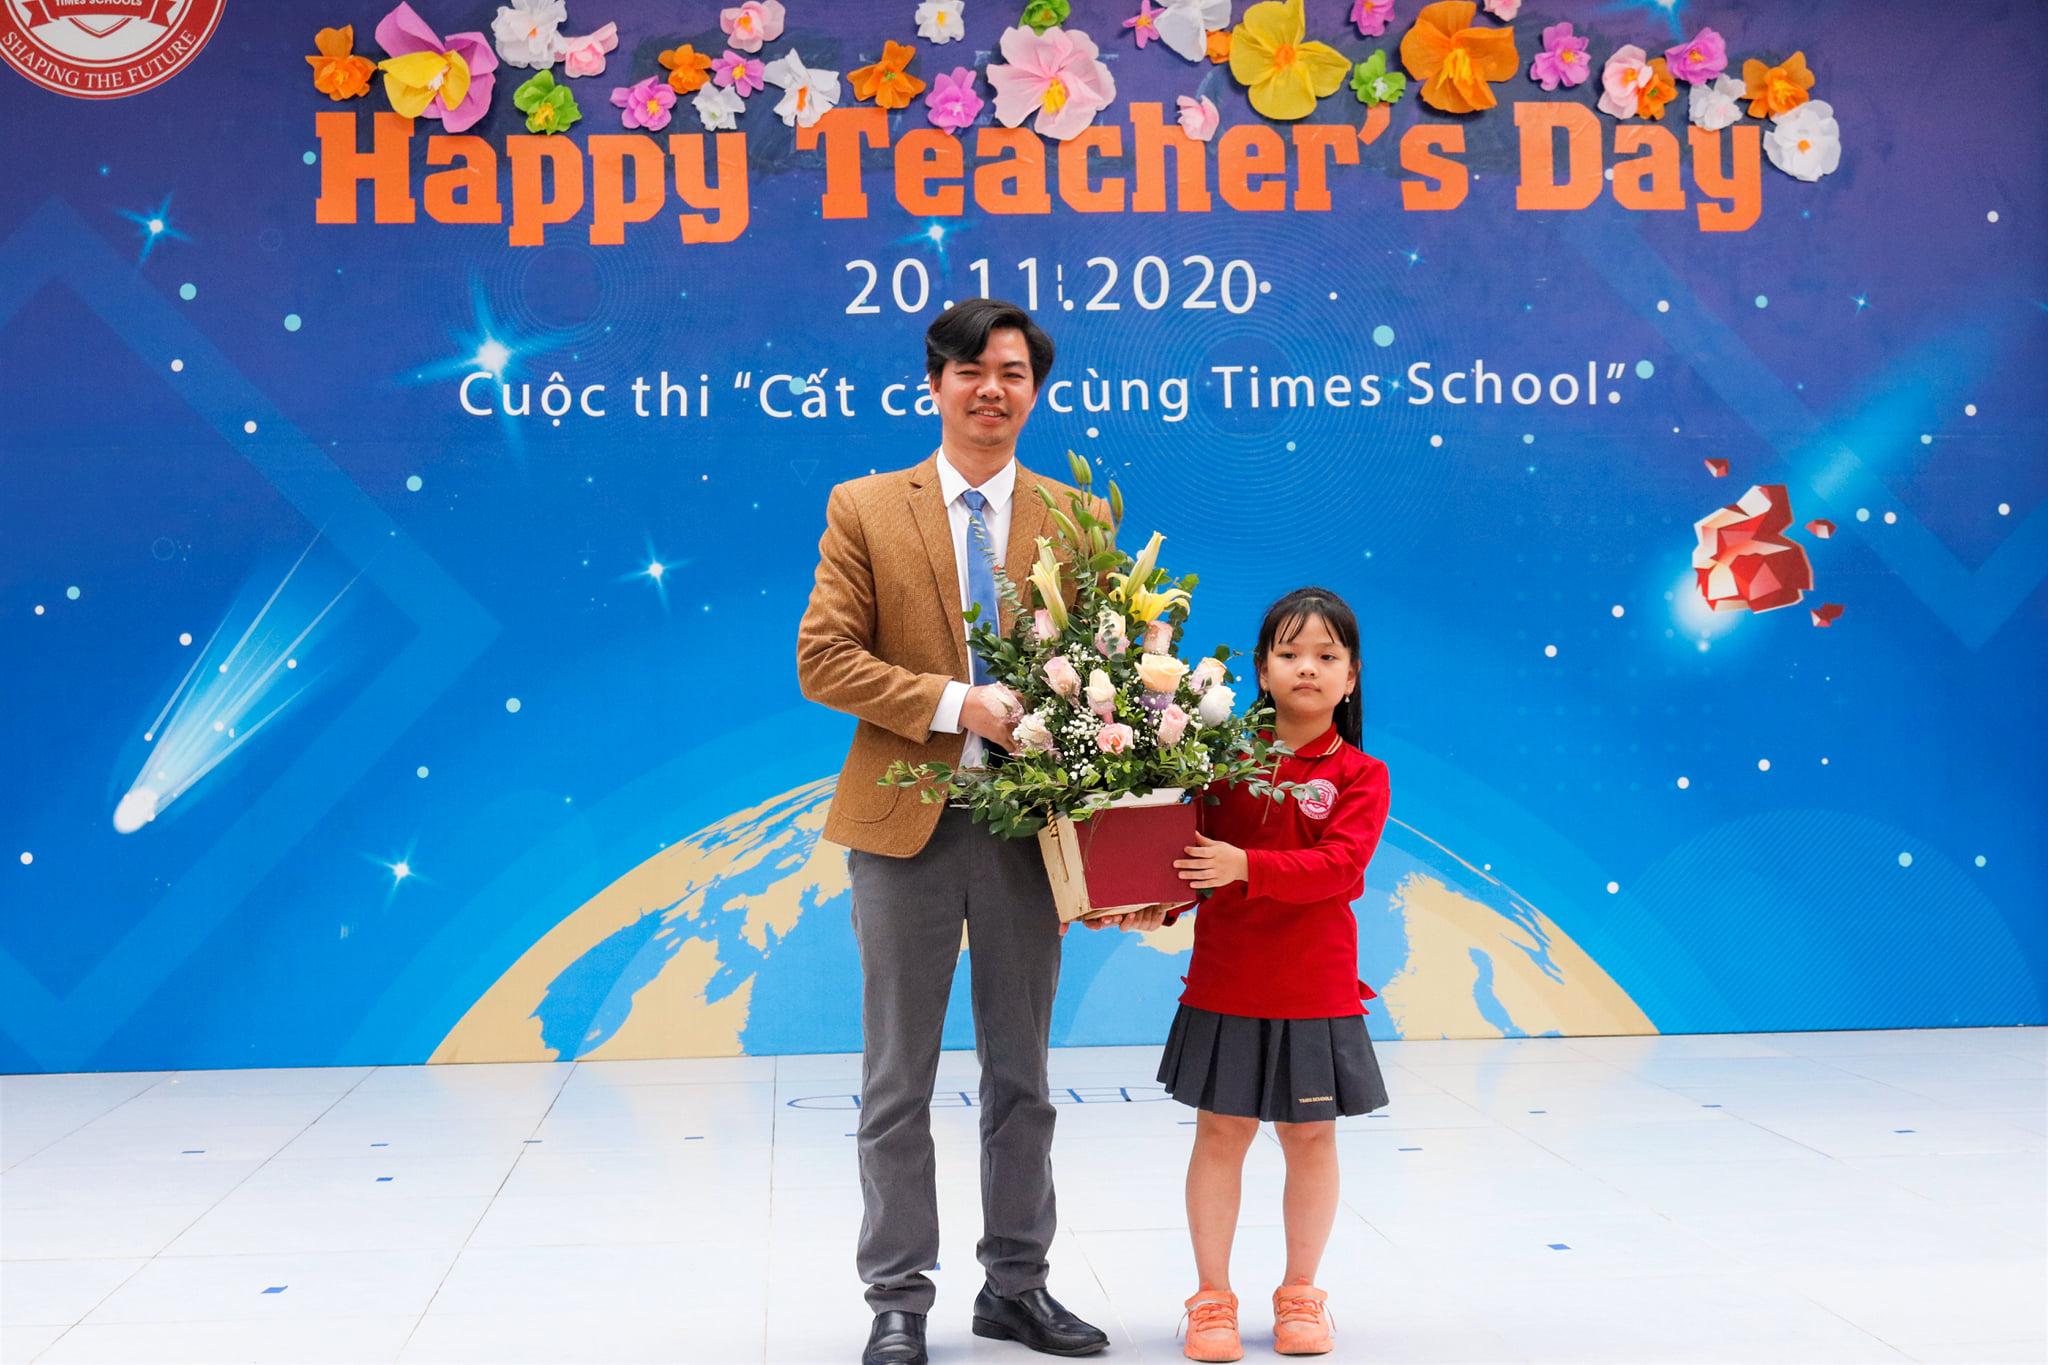 Chúc mừng ngày Hiến chương Nhà Giáo Việt Nam 20.11.2020.